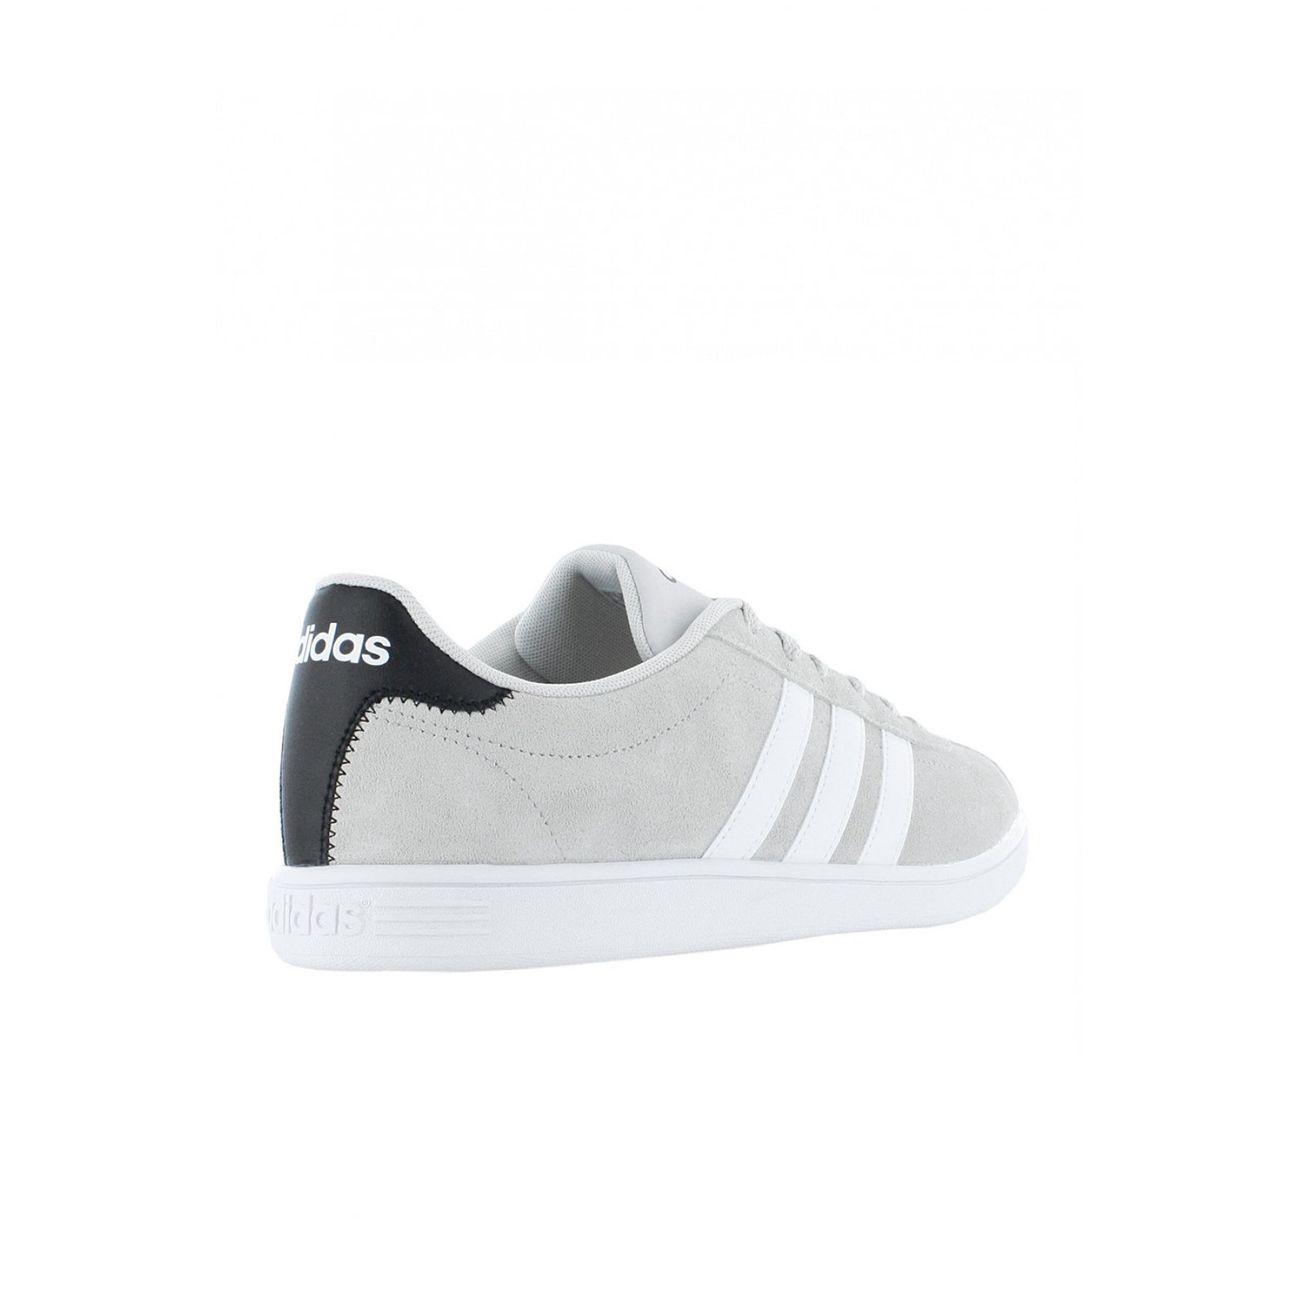 uk availability 6c2c9 0b37c ... homme ADIDAS Sneakers Classiques Cuir Suédé Bb9632 Court - Adidas ...